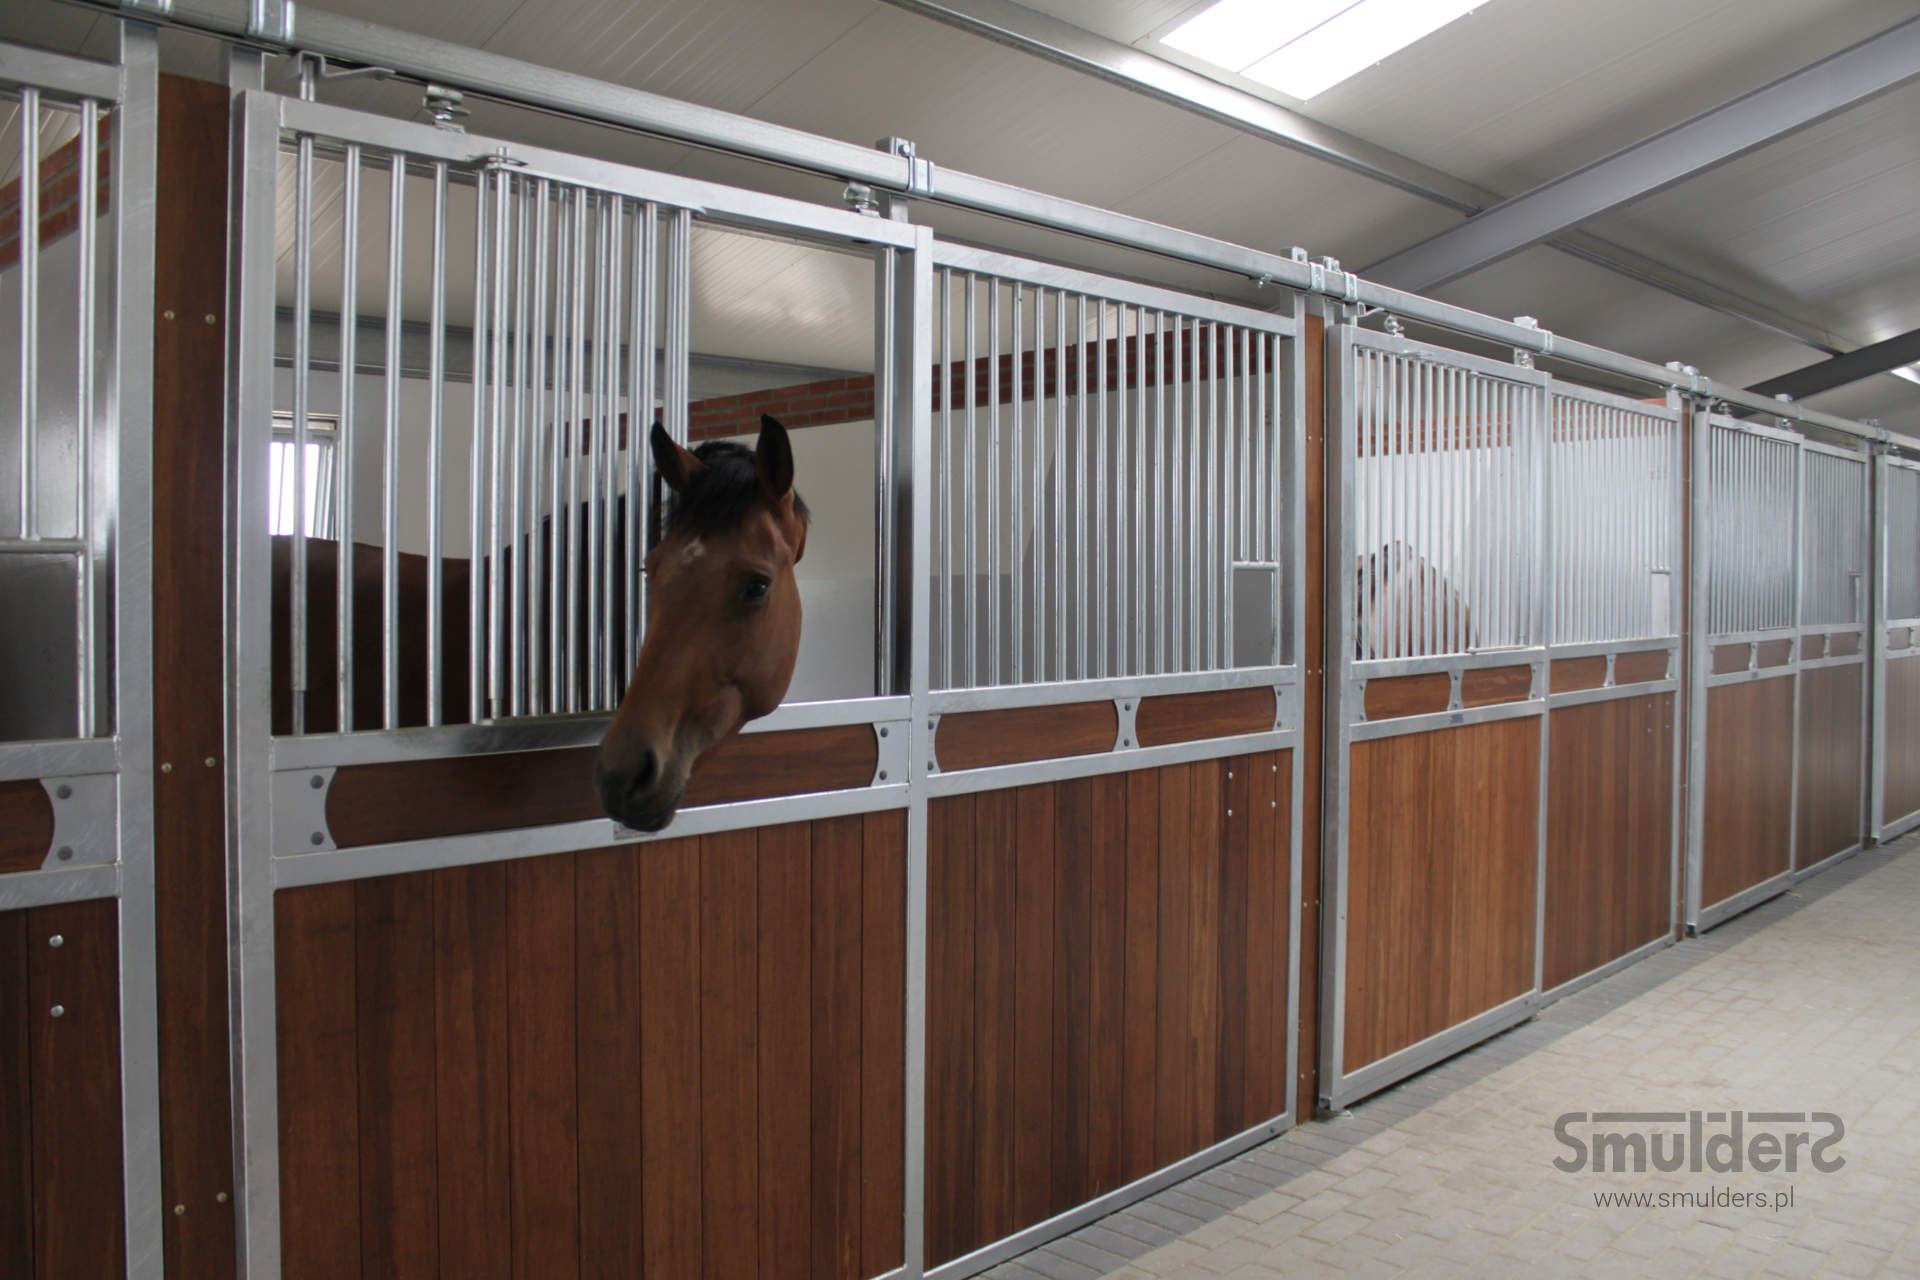 http://www.smulders.pl/wp-content/uploads/2019/07/f002_internal-stables_sport-line_SW_SMULDERS_PL.jpg